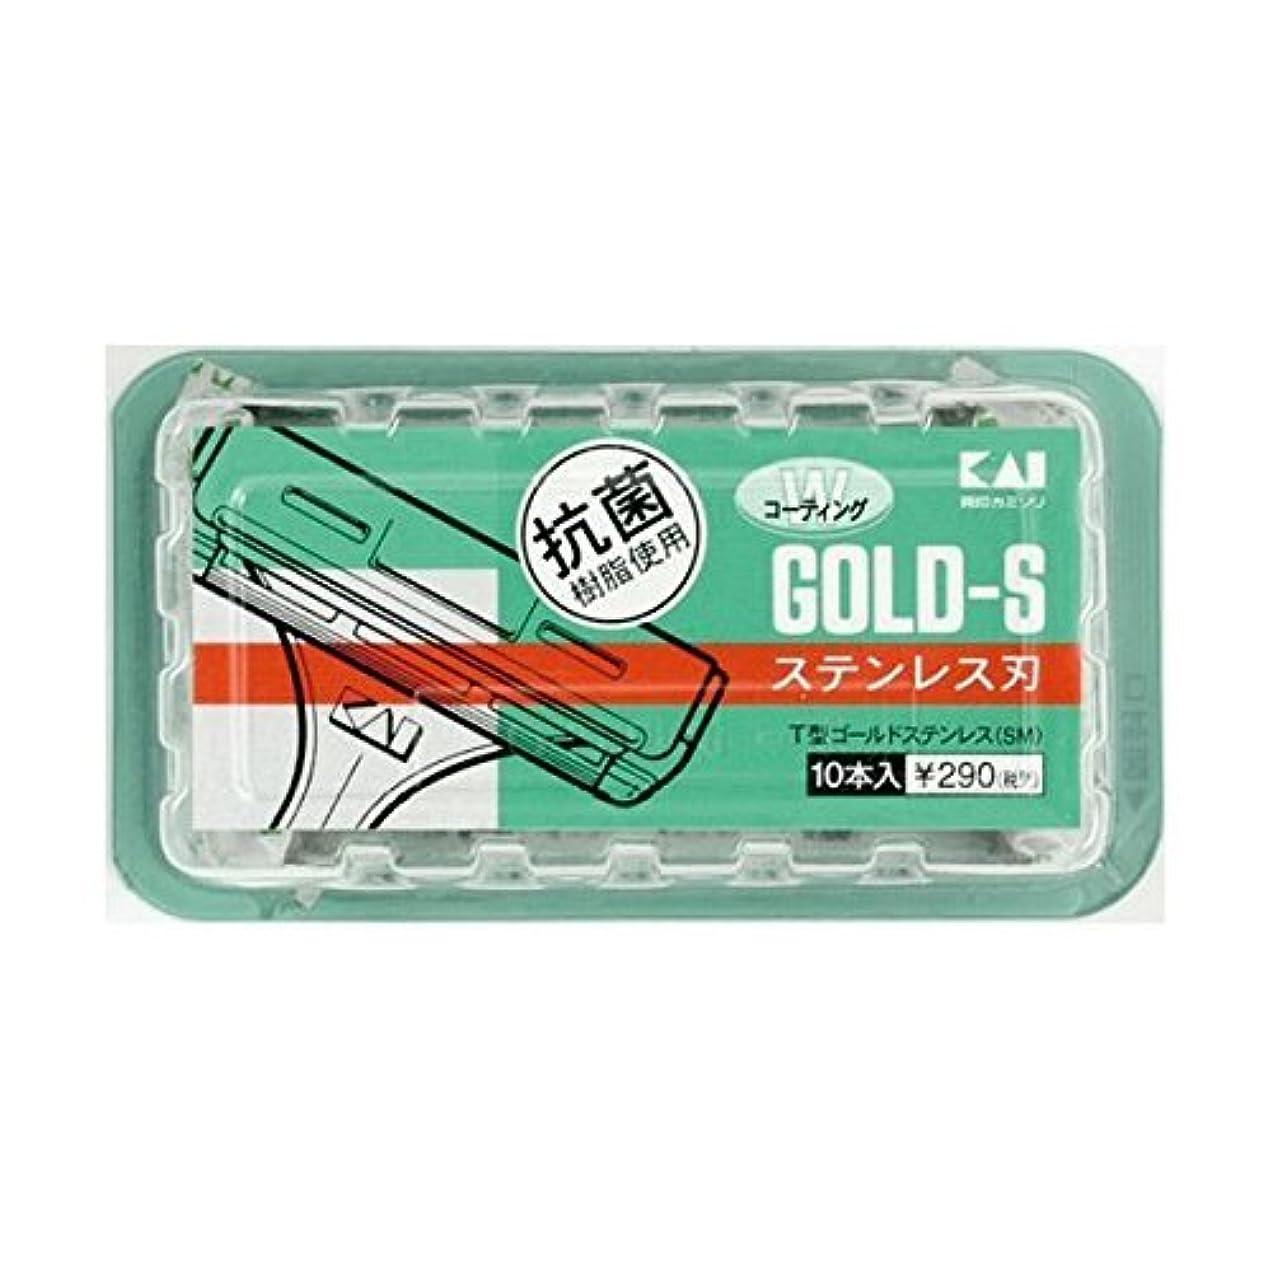 仕事絶望対抗貝印 (業務用20セット) T型ゴールドステンレスSM10本